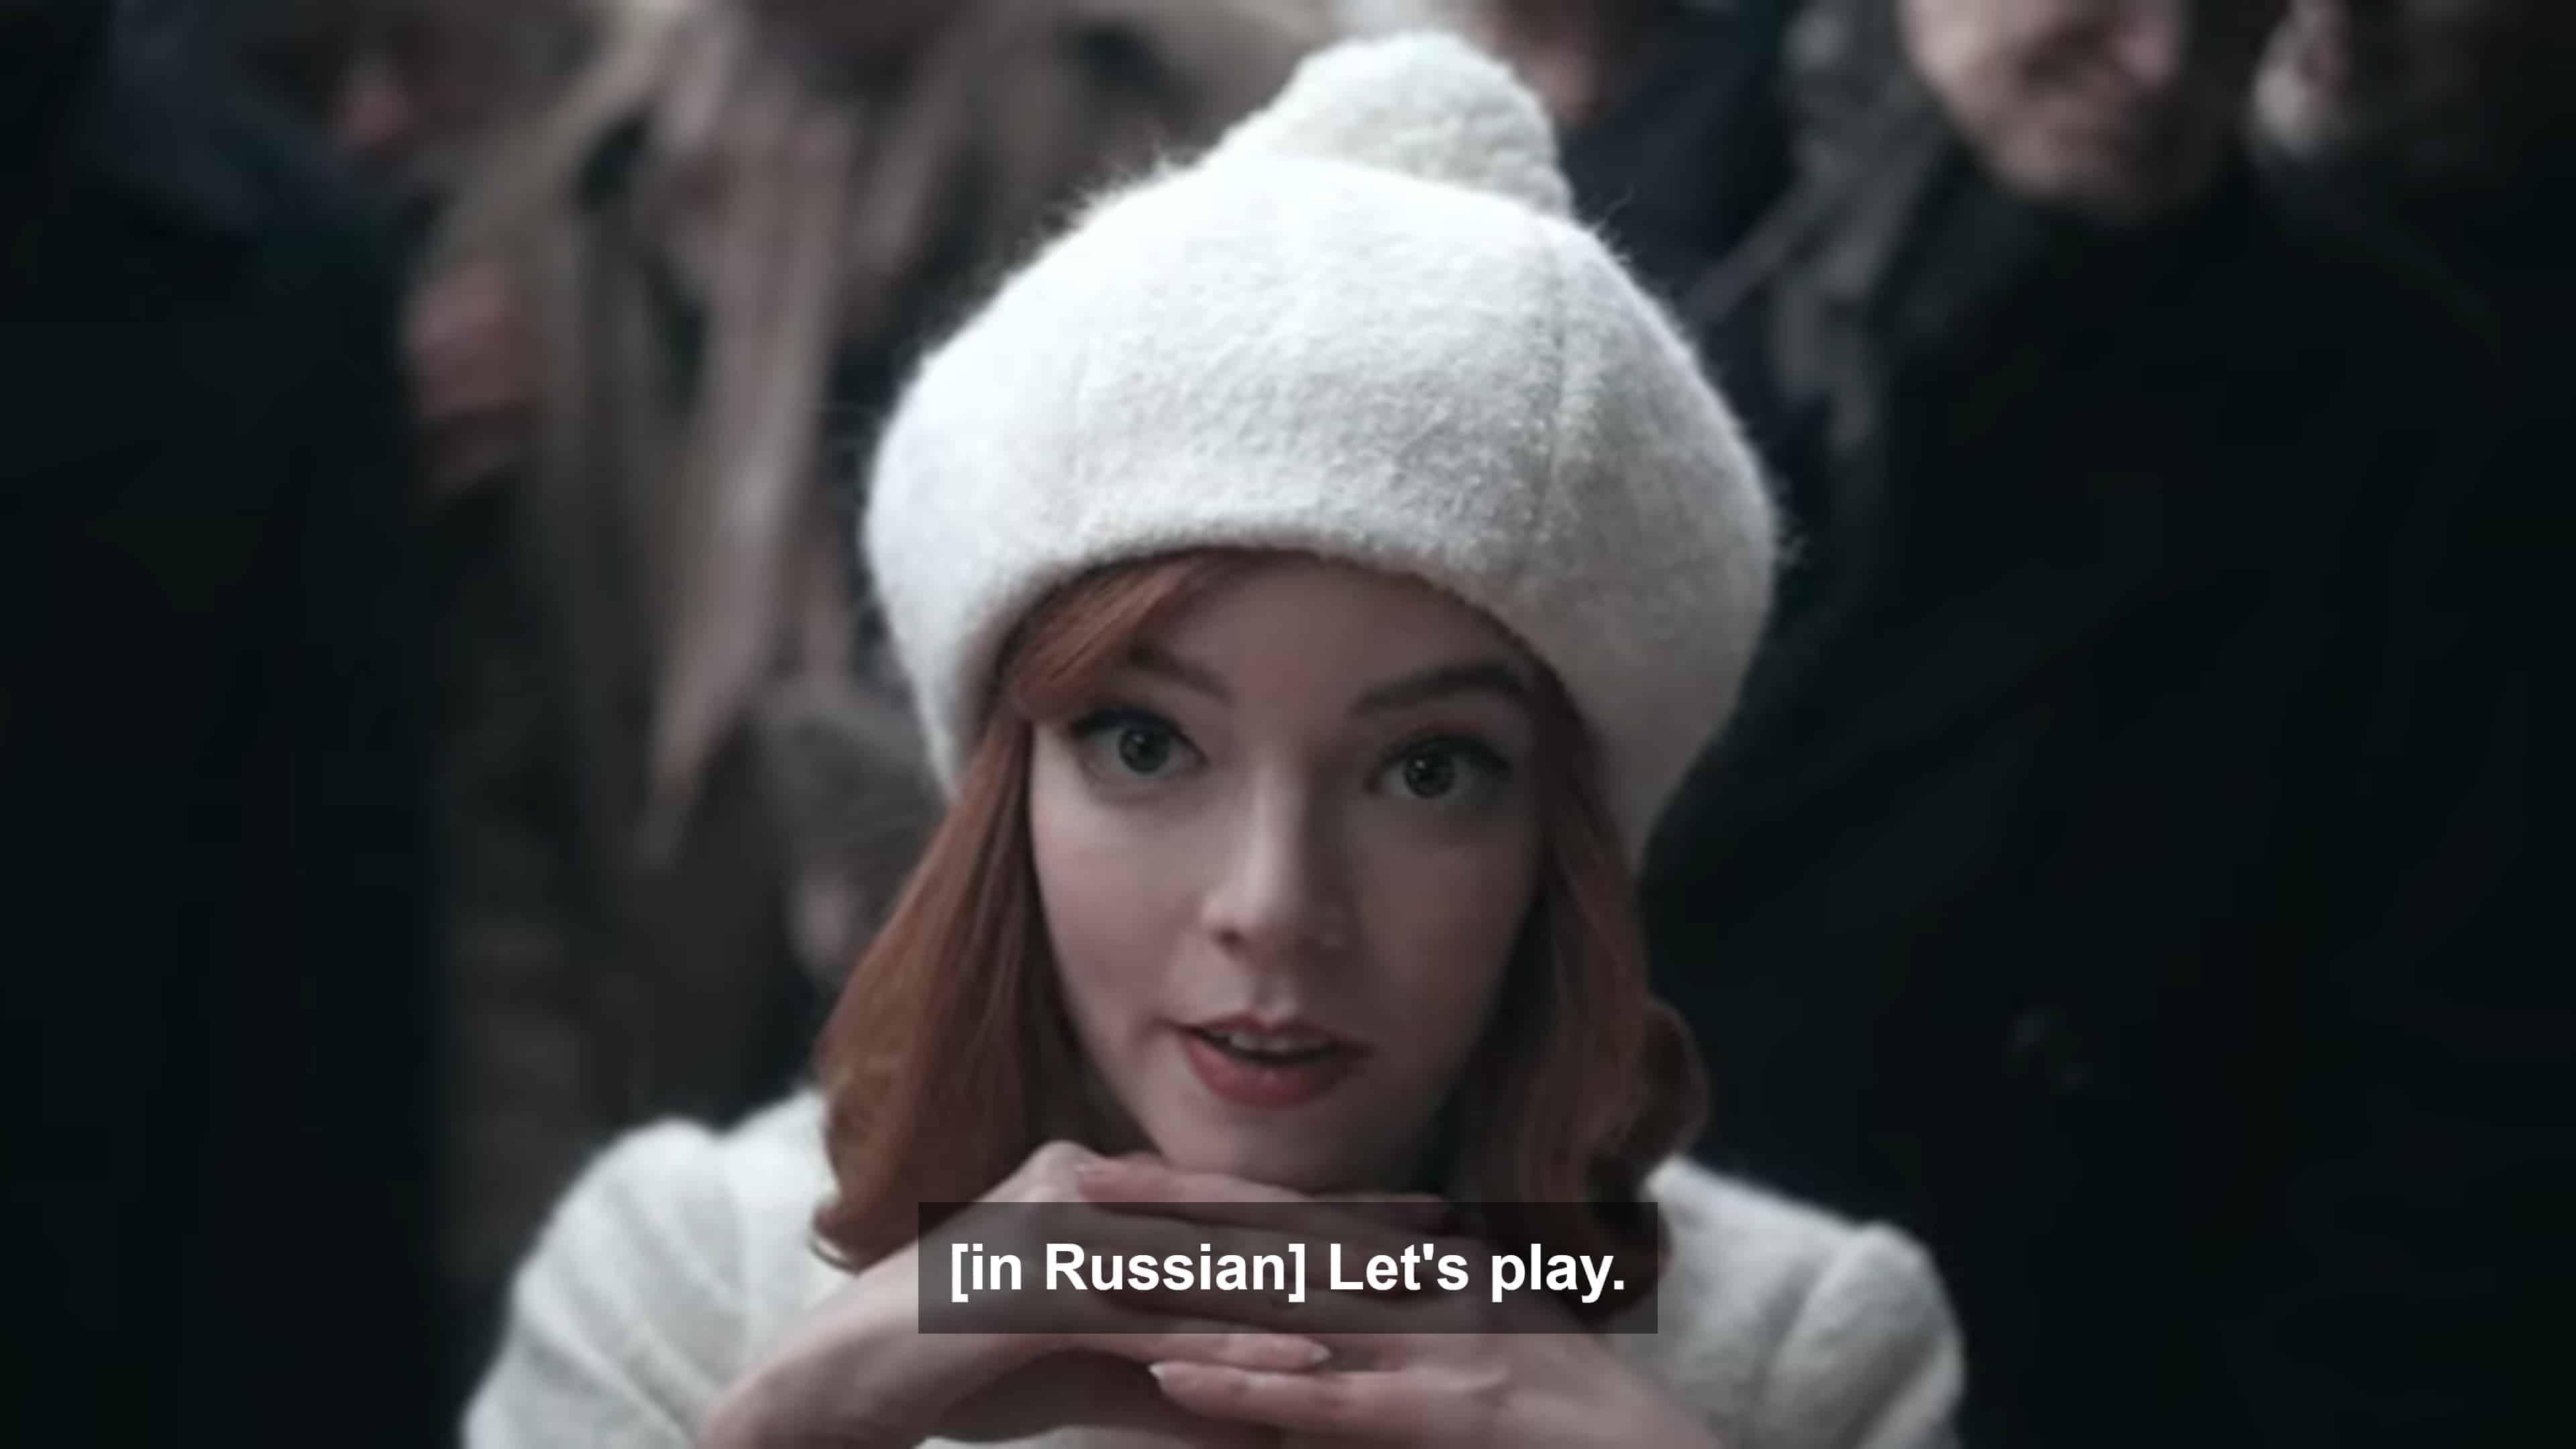 Beth, in Russian, saying